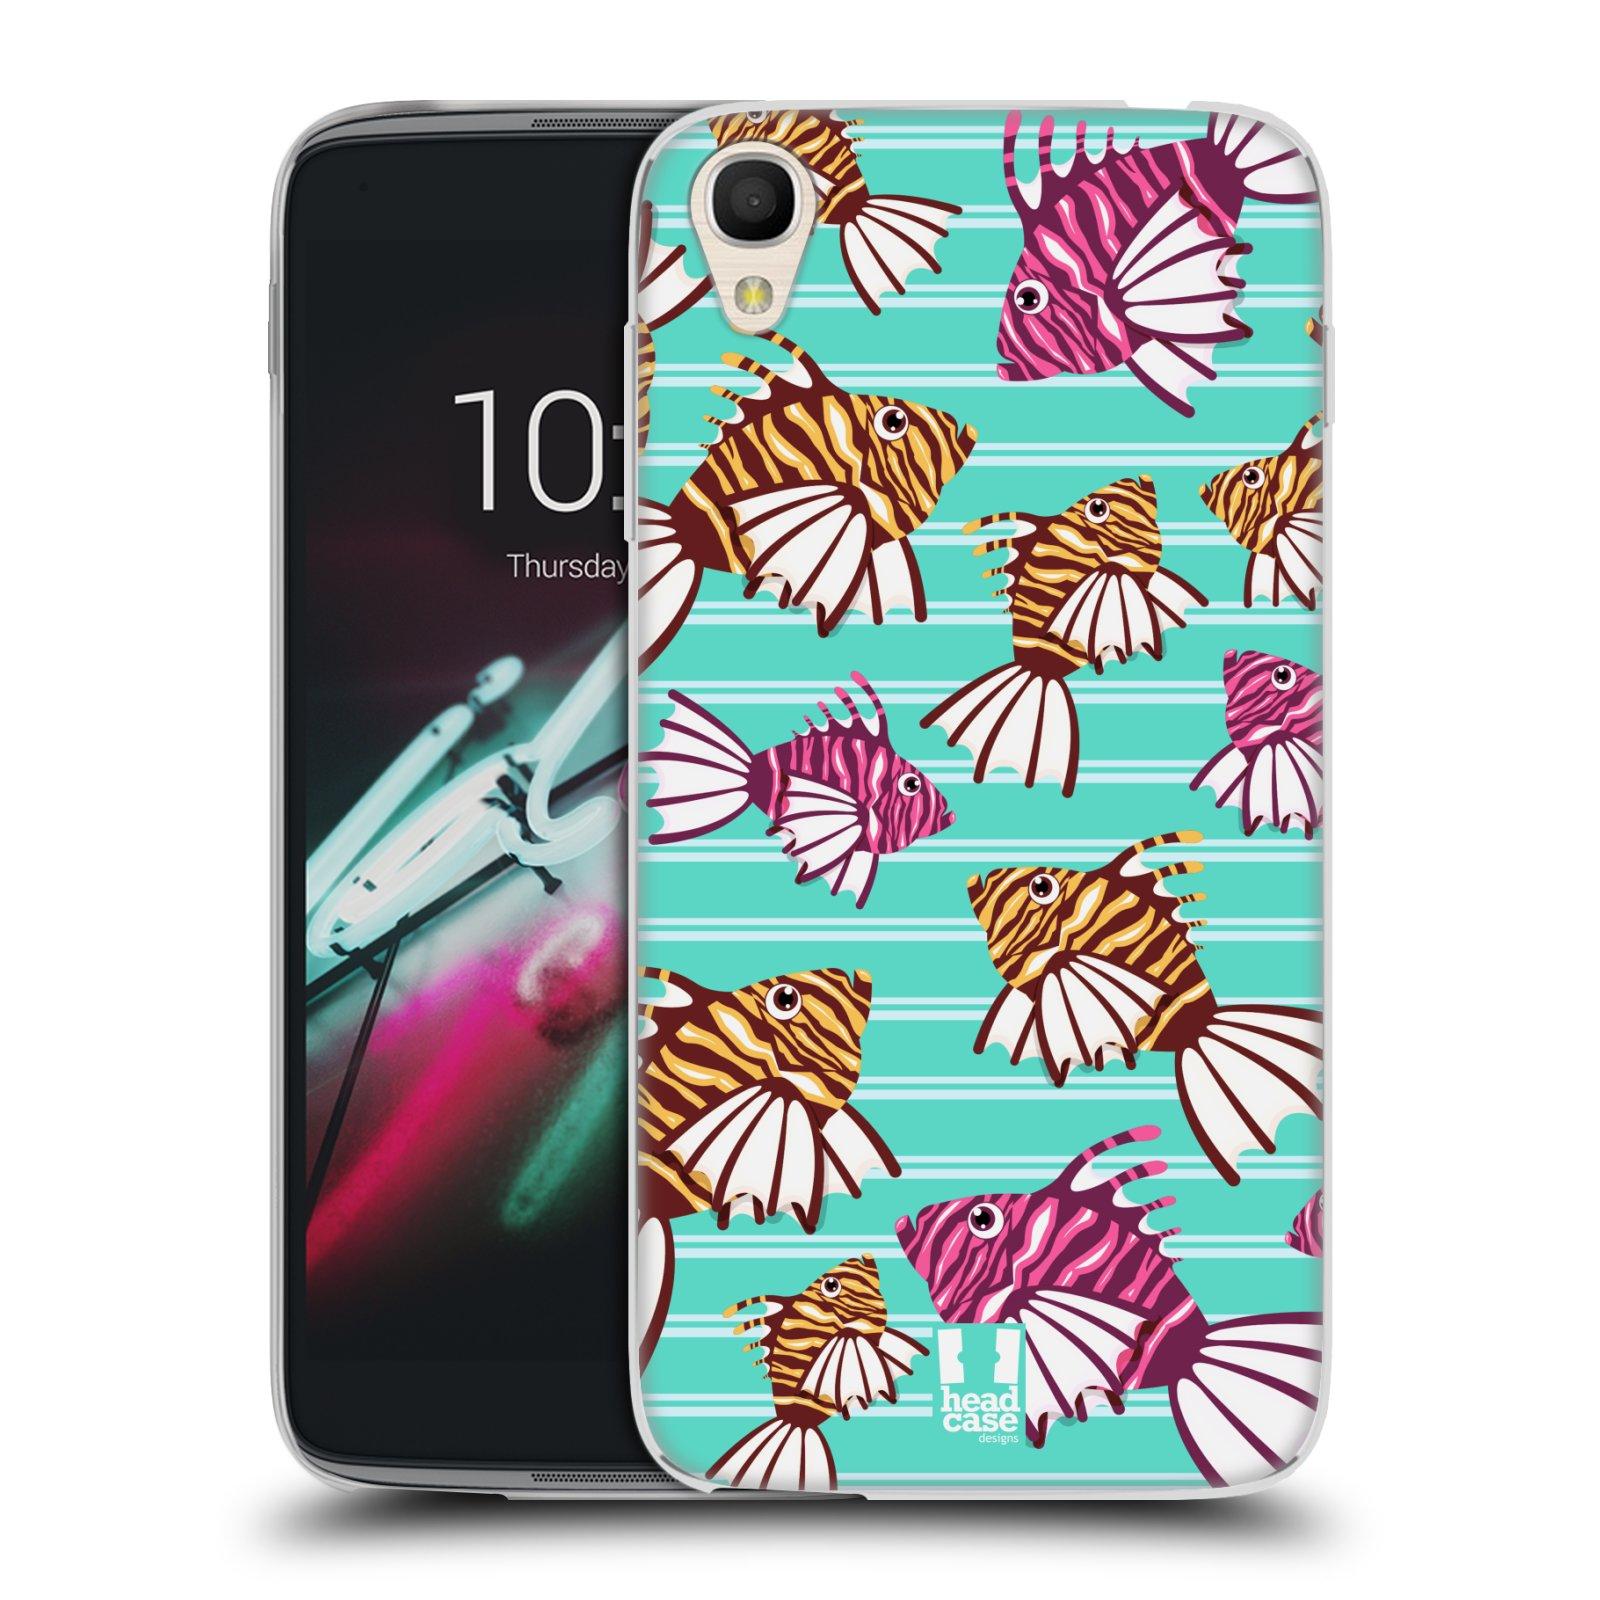 HEAD CASE silikonový obal na mobil Alcatel Idol 3 OT-6039Y (4.7) vzor mořský živočich ryba